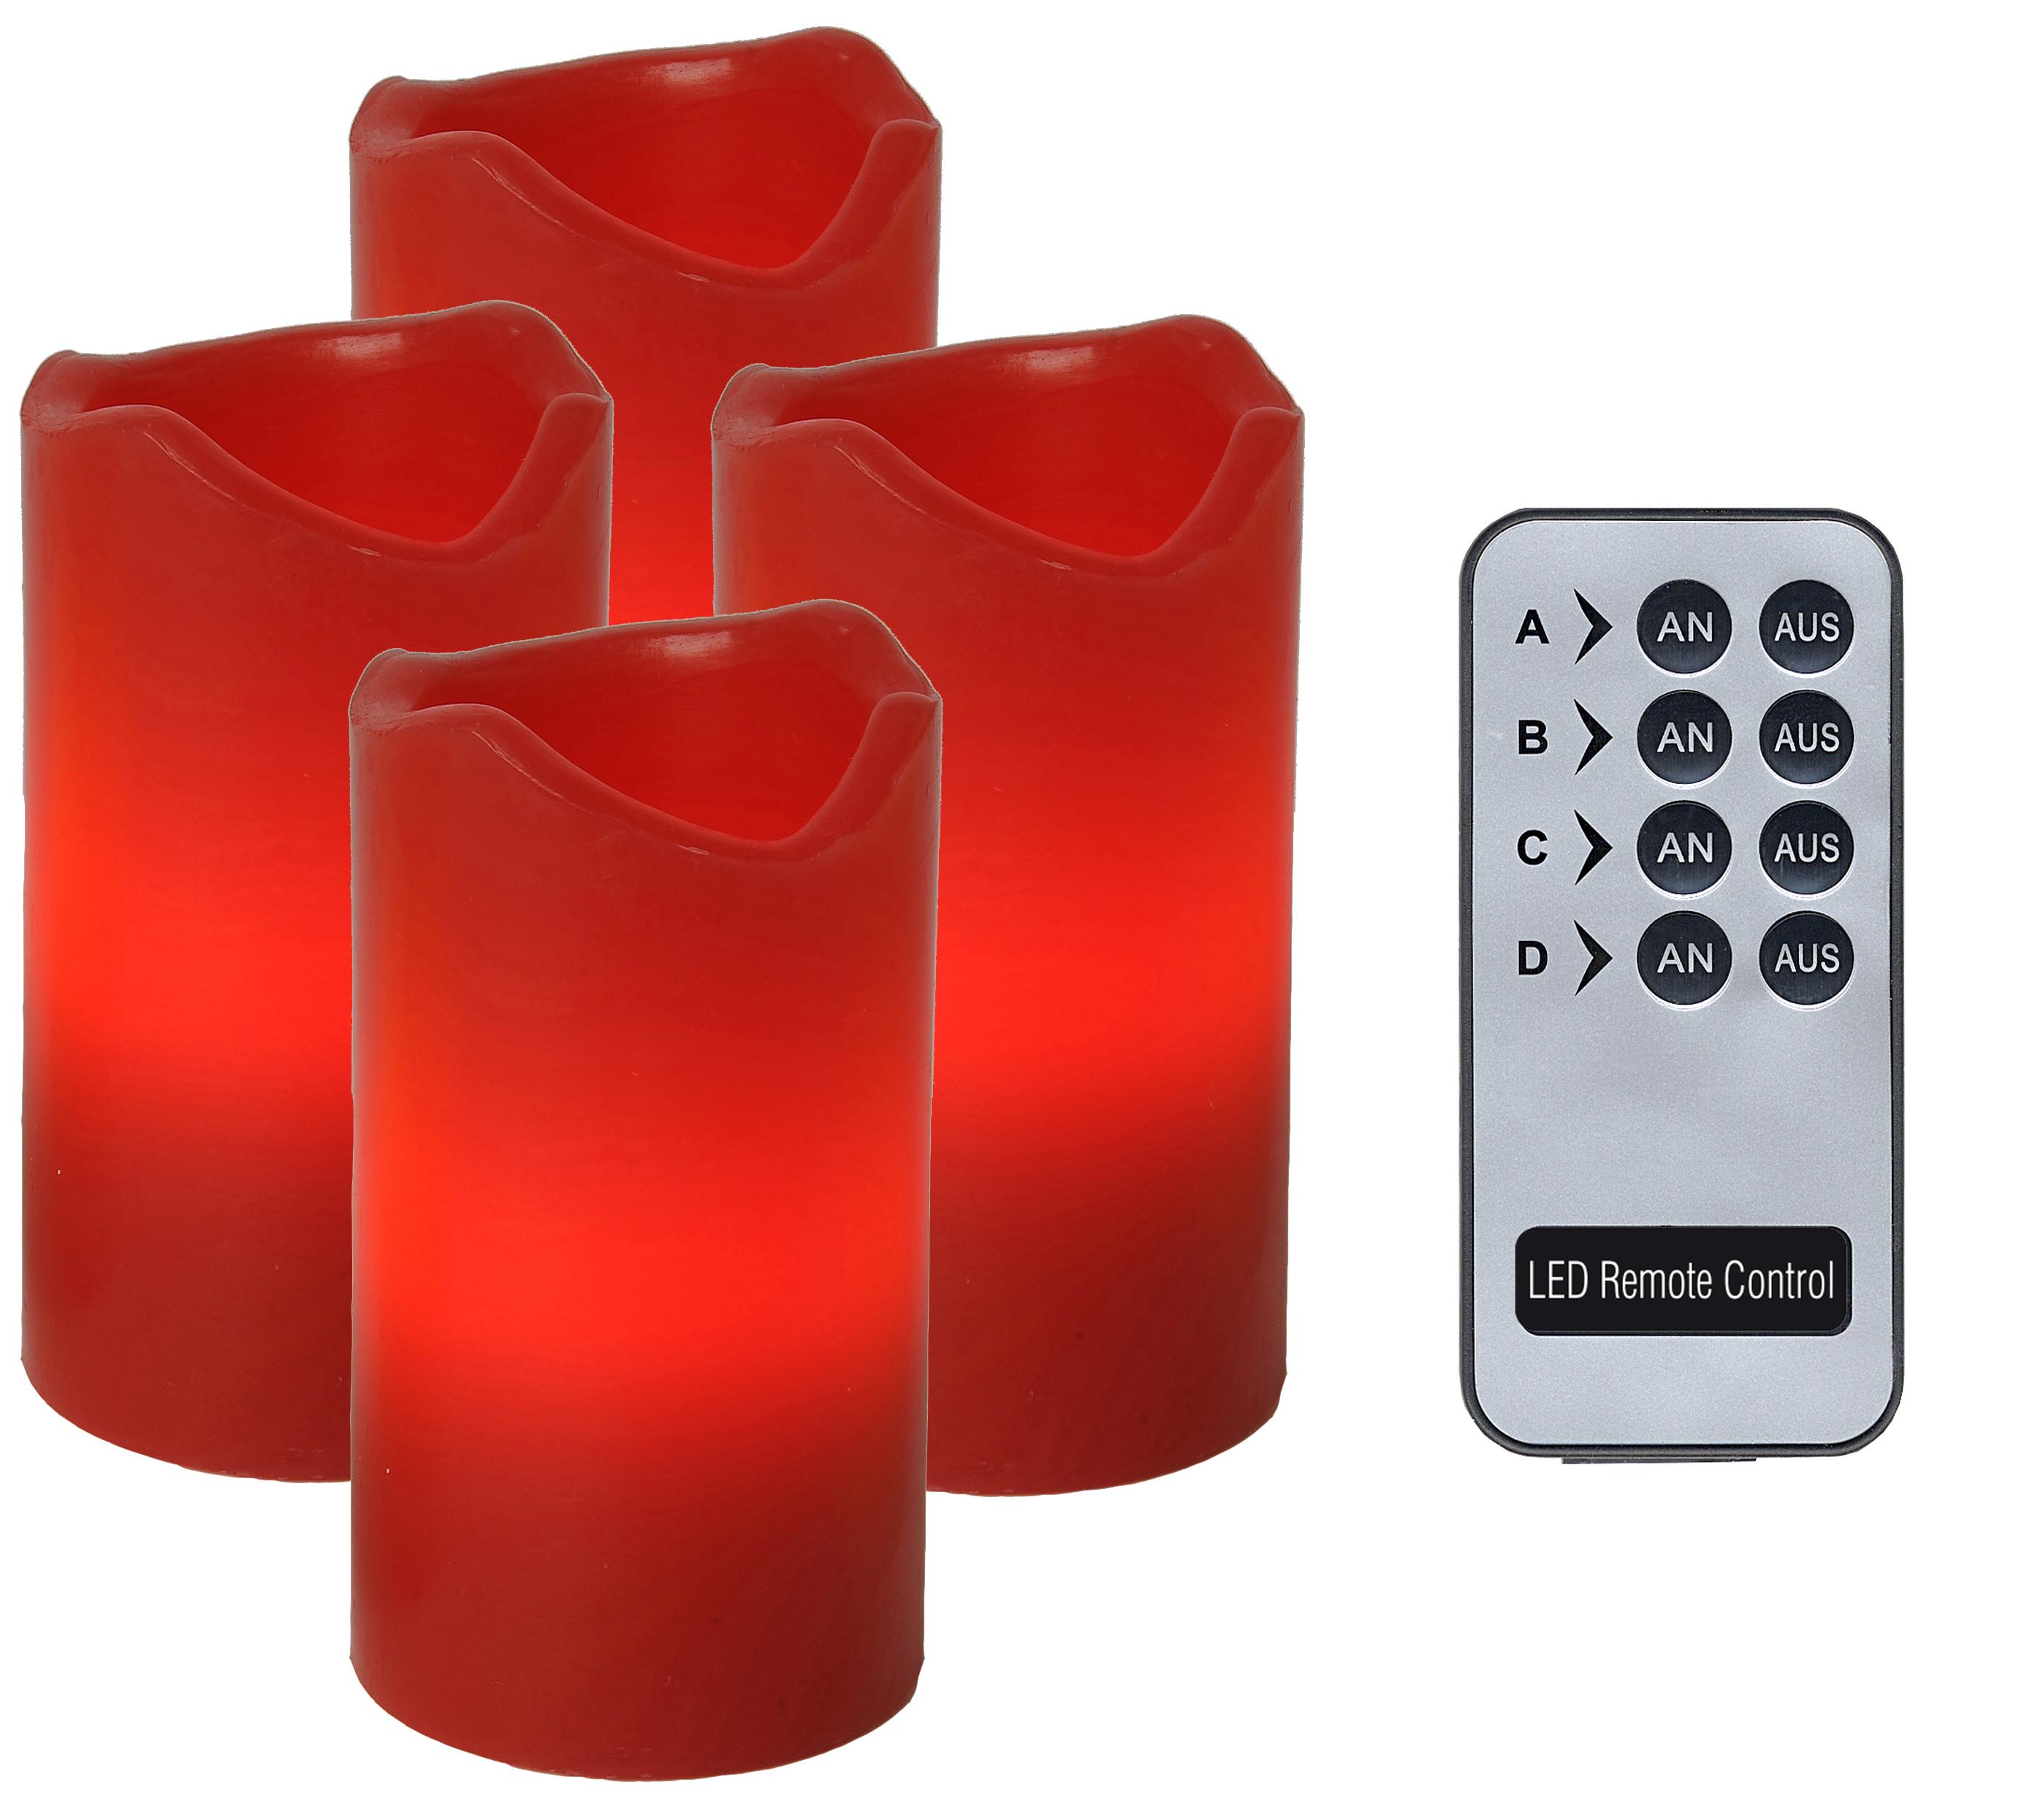 4er led wachskerzenset mit fernbedienung rot 067 12. Black Bedroom Furniture Sets. Home Design Ideas